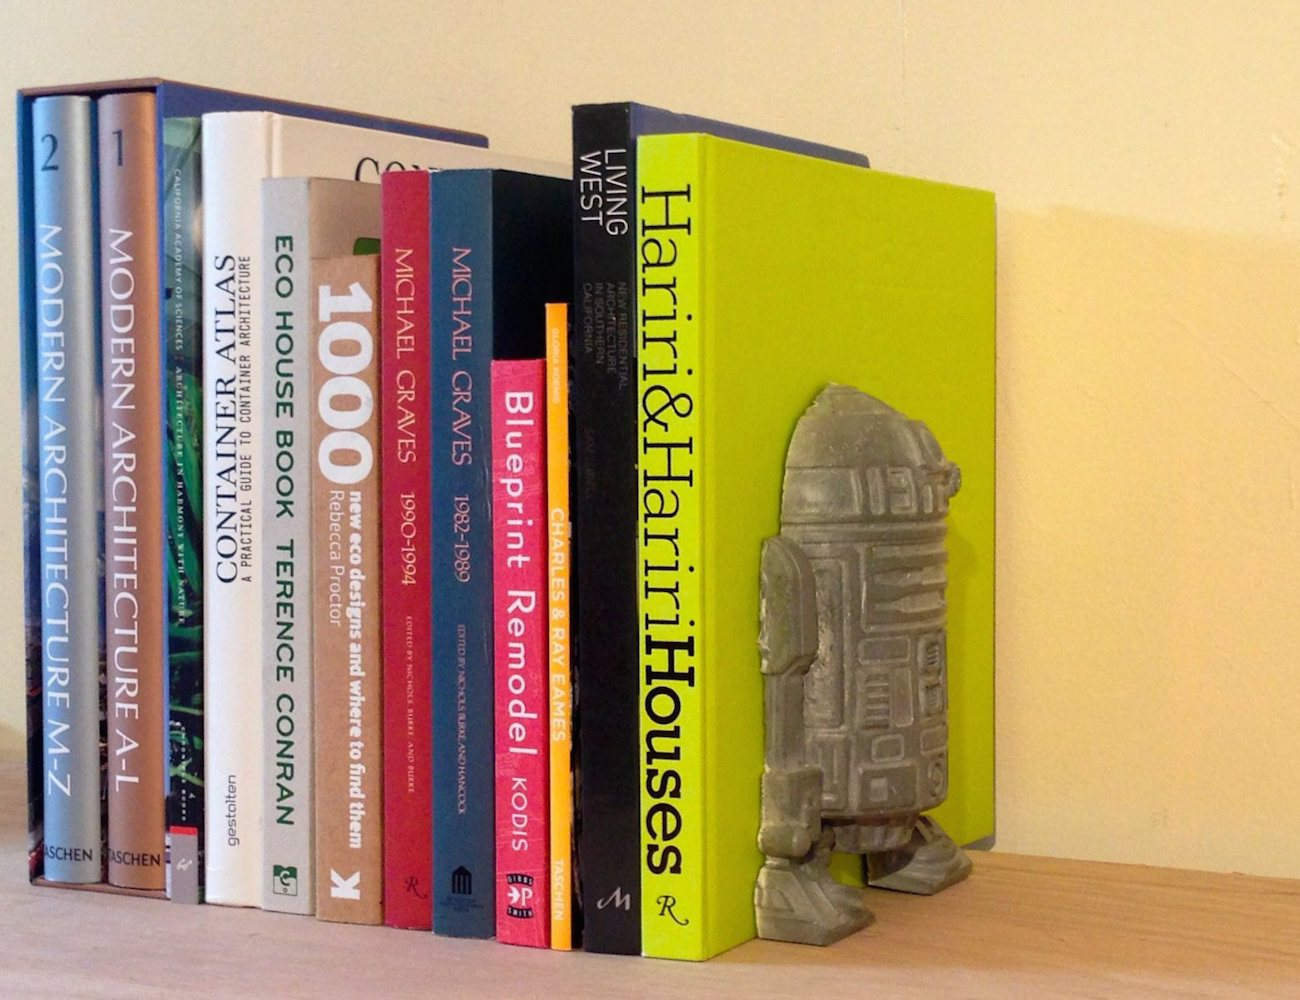 R2D2+Concrete+Book+End